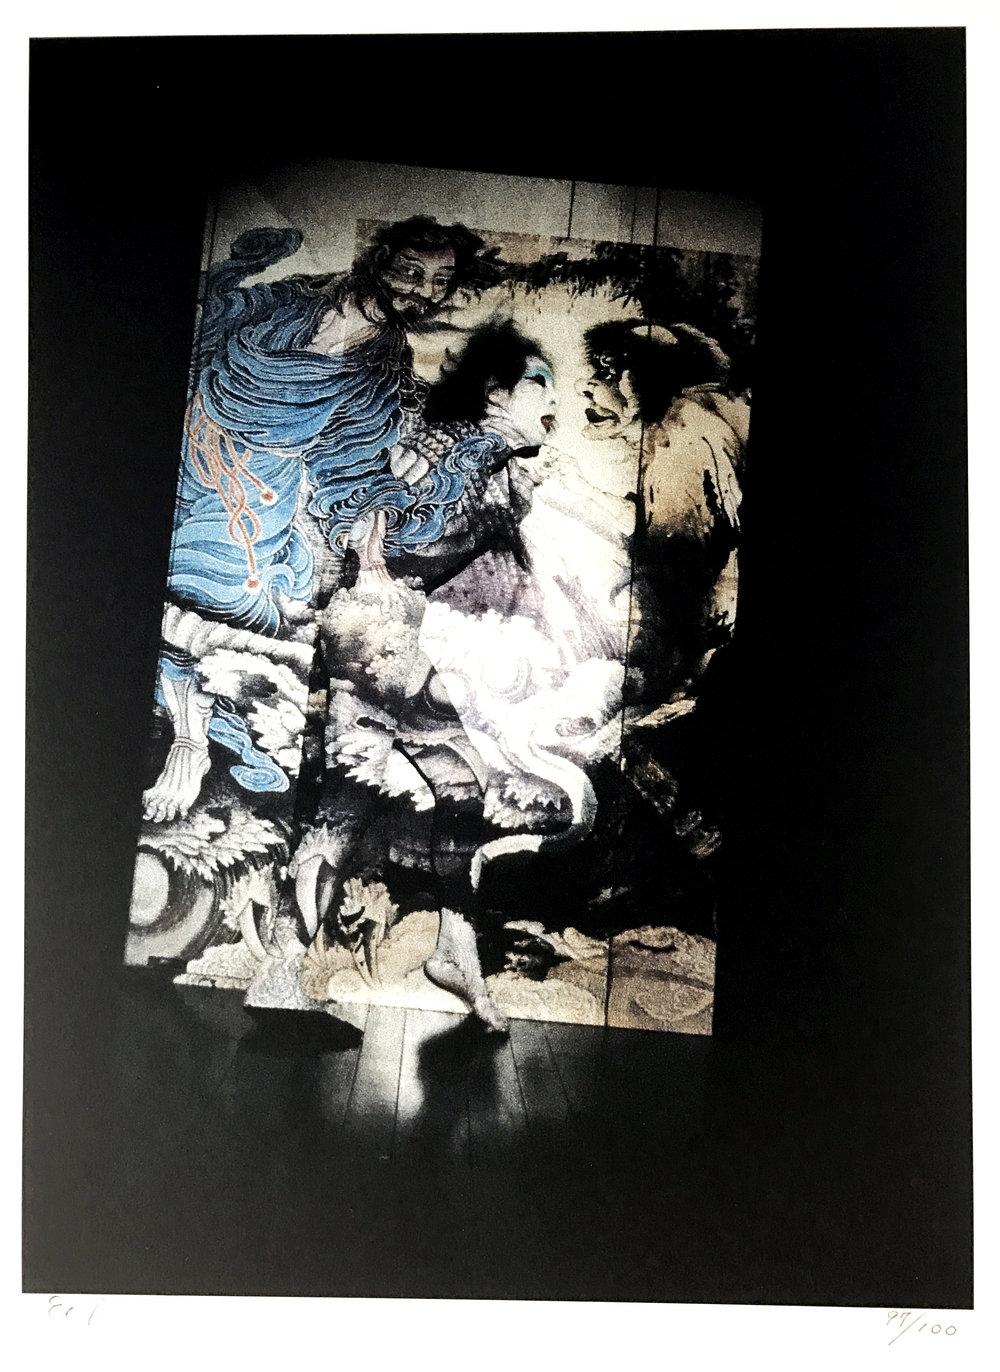 Eikoh Hosoe, 1997